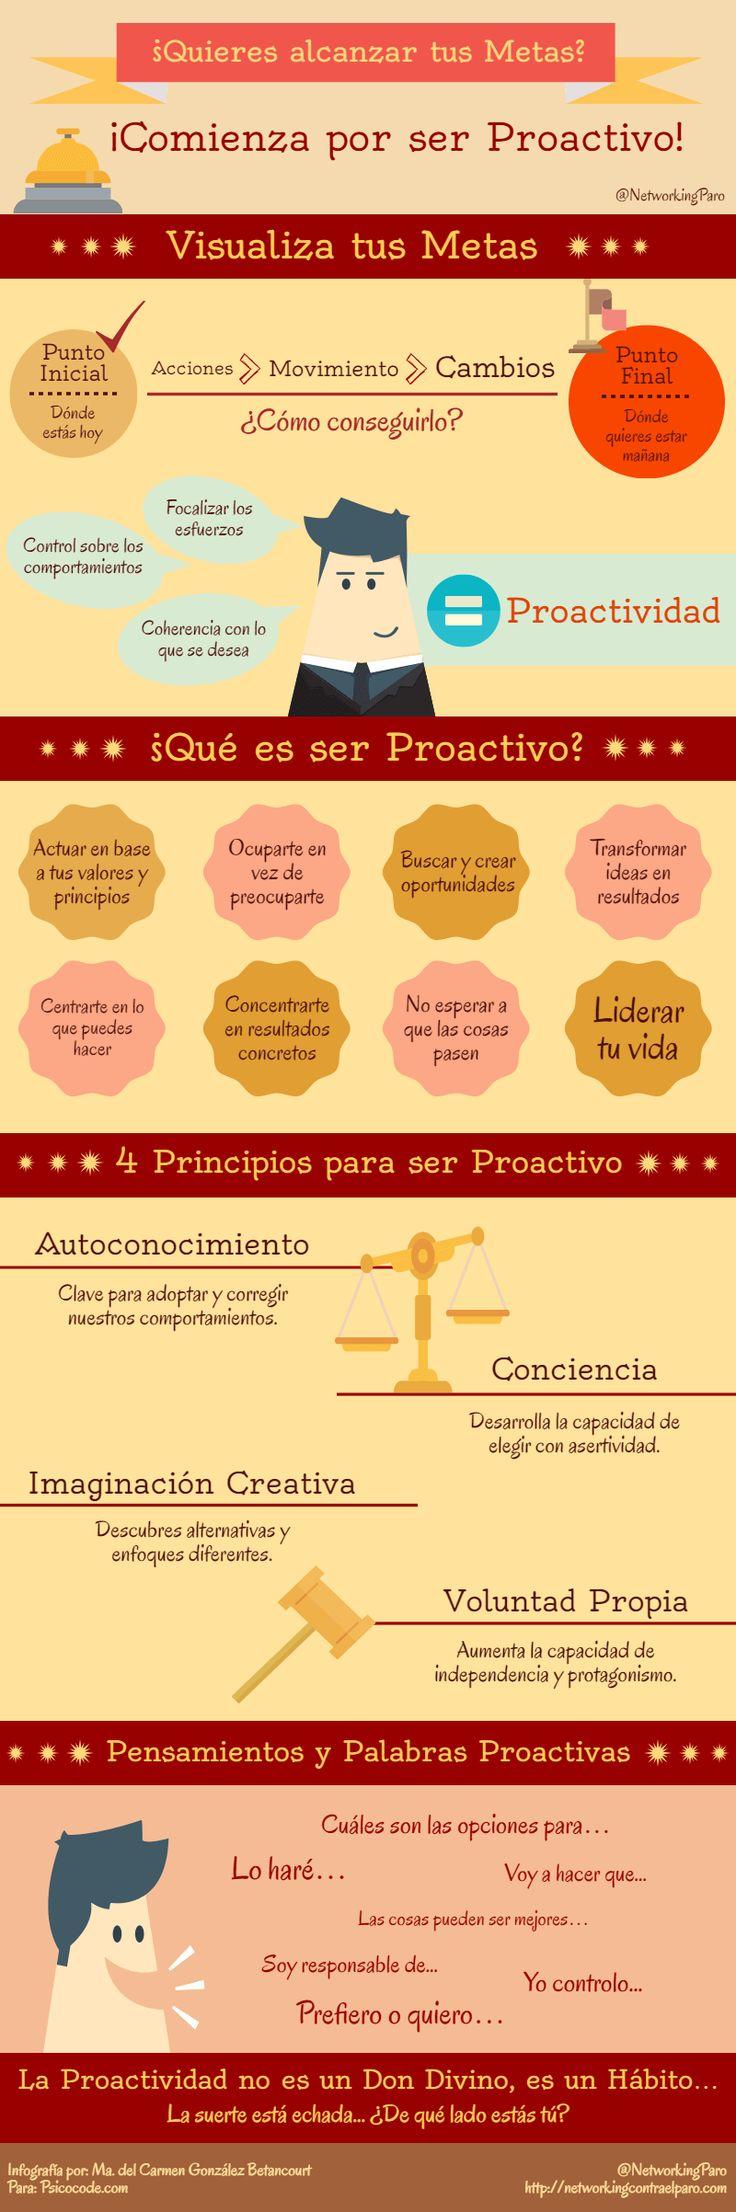 proactividad http://prixline.wordpress.com/contacto  o por WhatsApp +34 668 802 743 #prixline #Curso #Aprender